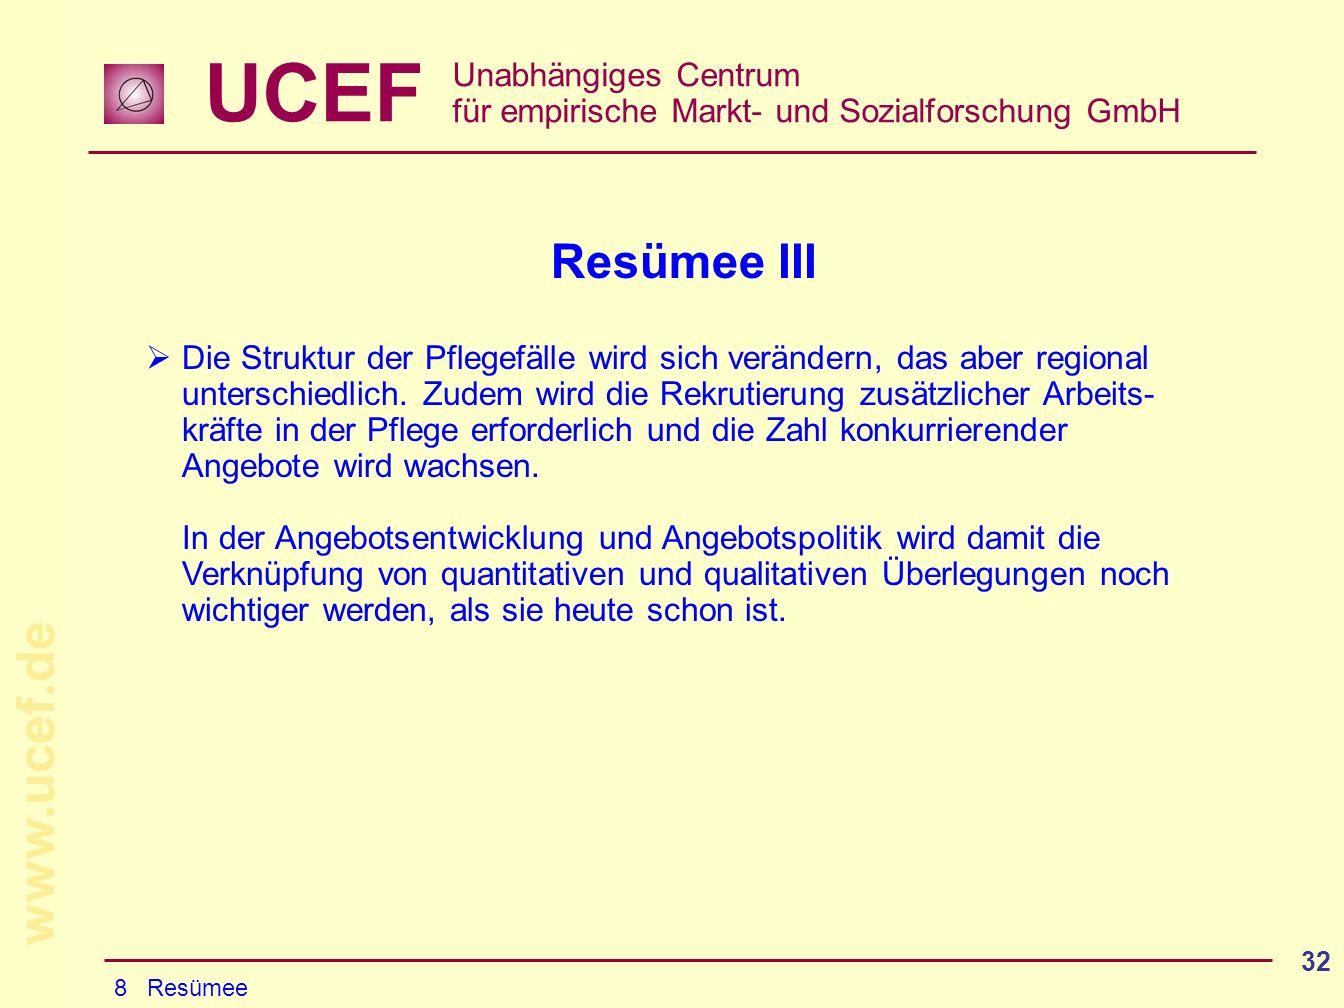 UCEF Unabhängiges Centrum für empirische Markt- und Sozialforschung GmbH www.ucef.de 32 8 Resümee Resümee III Die Struktur der Pflegefälle wird sich verändern, das aber regional unterschiedlich.